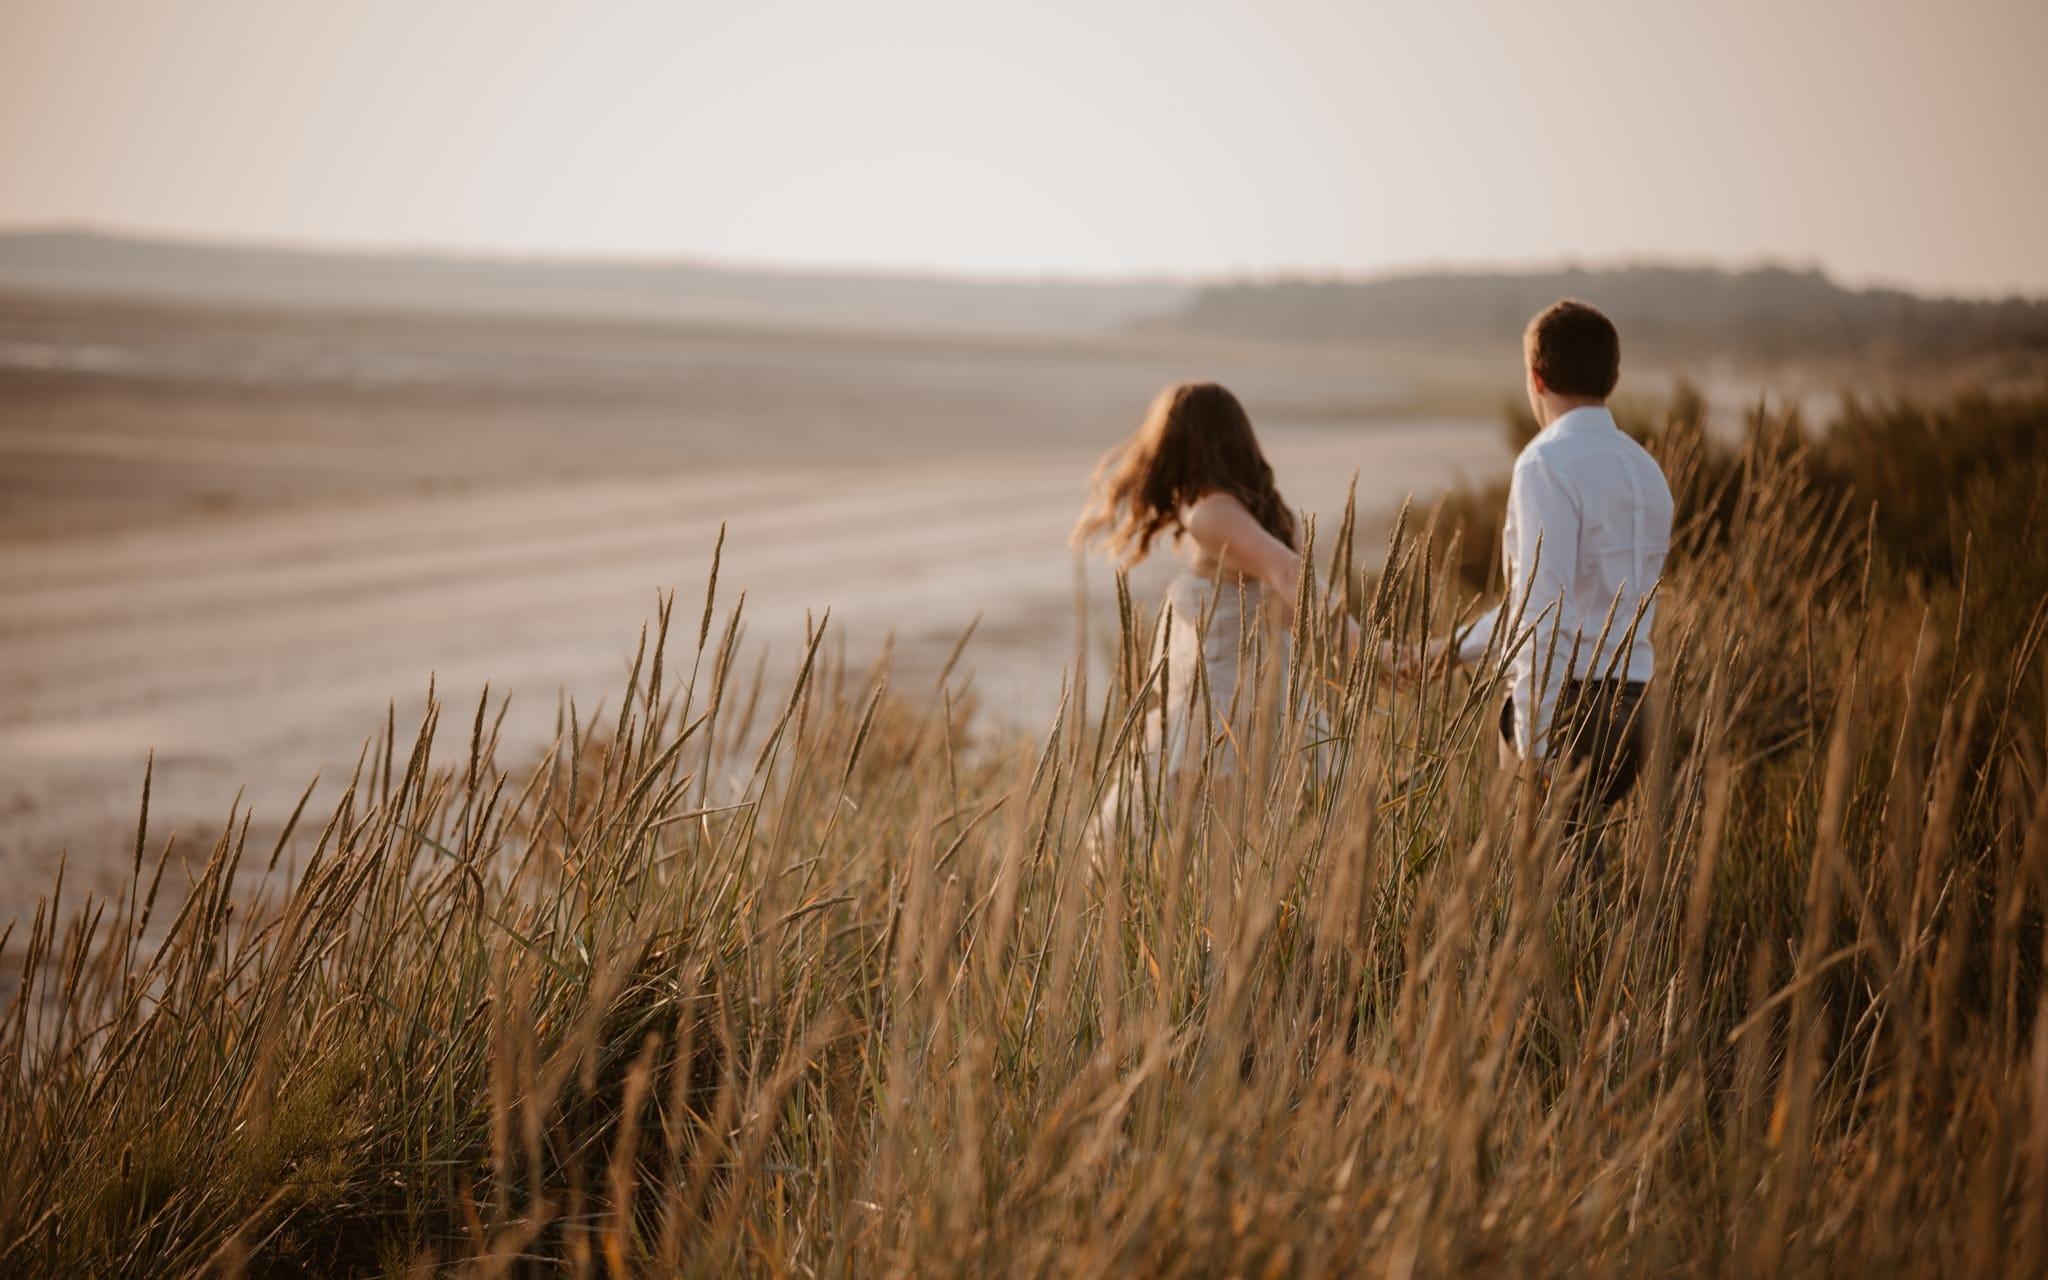 séance engagement romantique d'un couple sur la plage en côte d'Opale par Geoffrey Arnoldy photographe